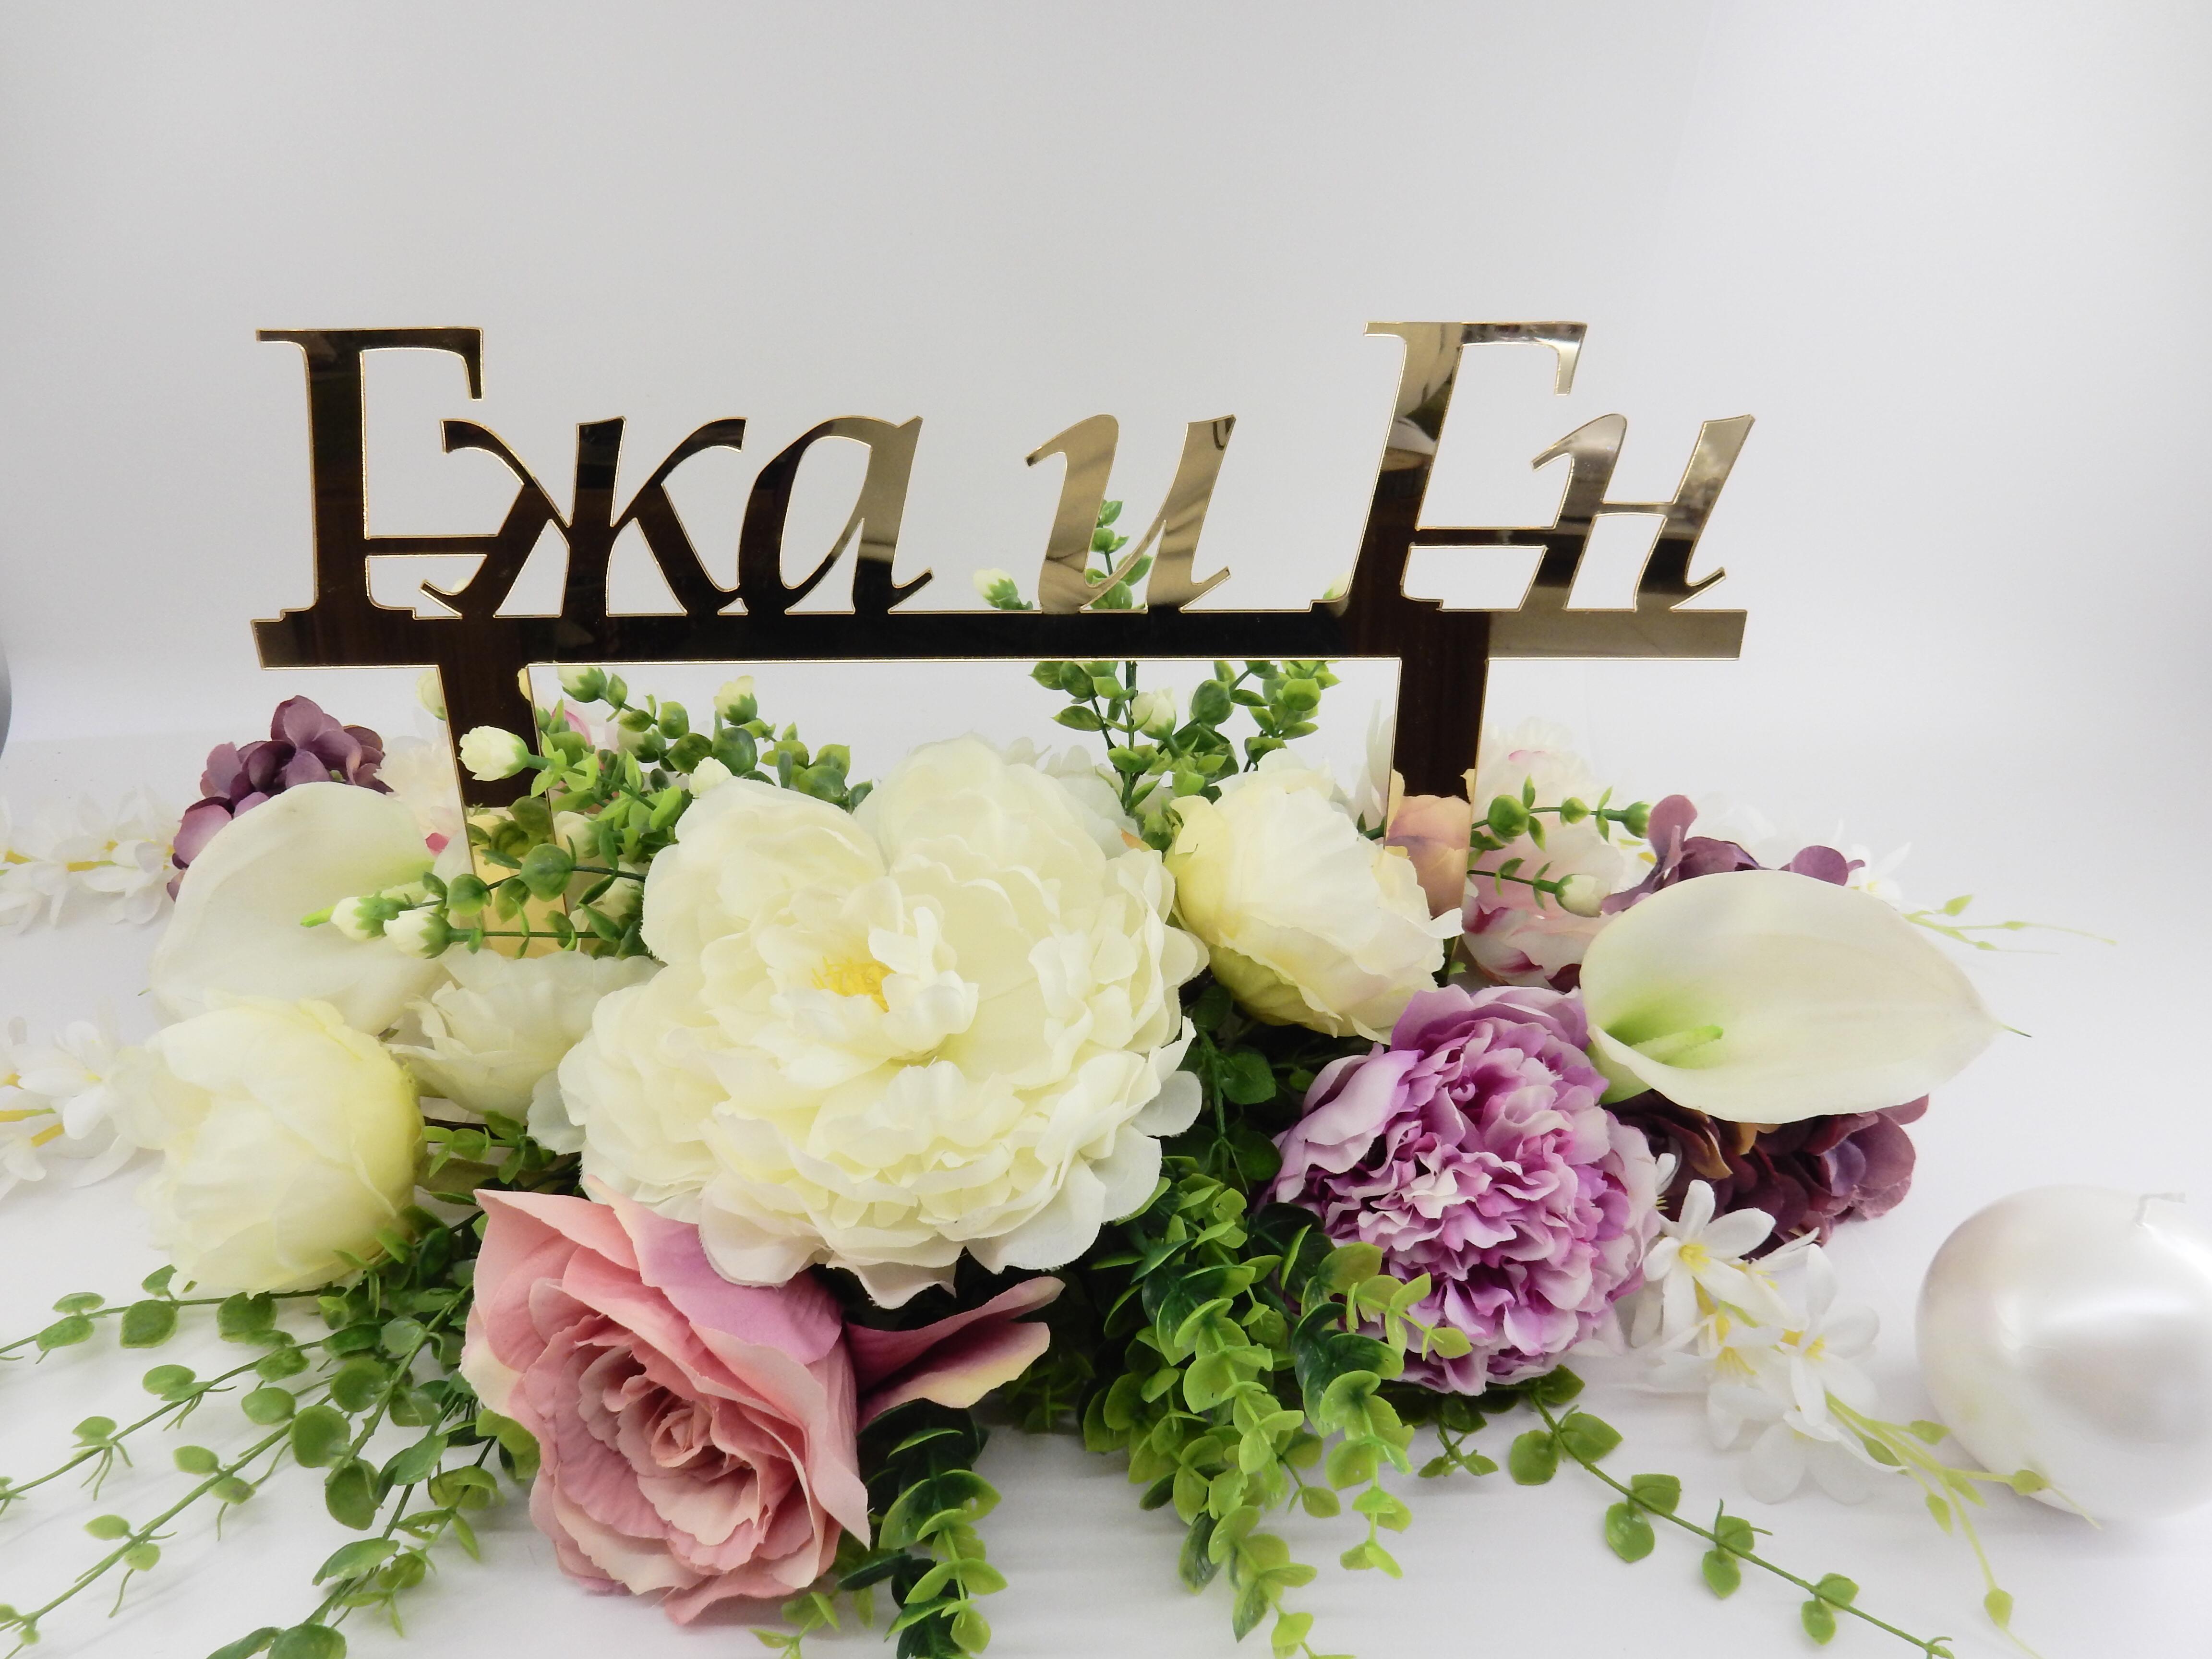 Огледален надпис за акцент към основната украса на масата на младоженците. Надписа е направен така, че лесно да бъде добавен към декорацията от цветя и да остане там стабилен. Можете да го ползвате и преди купона в ресторанта - той е чуден аксесоар за фотосесията ви! Надписа е изработен е от огледален плексиглас с дебелина от 2 мм. Можем да го предложим както от златно, така и от сребърно огледало. Размери: текст (без шишовете за закрепване): 40/9 см; обща височина (с шишовете за закрепване): височина 25 см. Посочената цена не включва украсата с цветя. Цена за един брой - 39.00 лв.